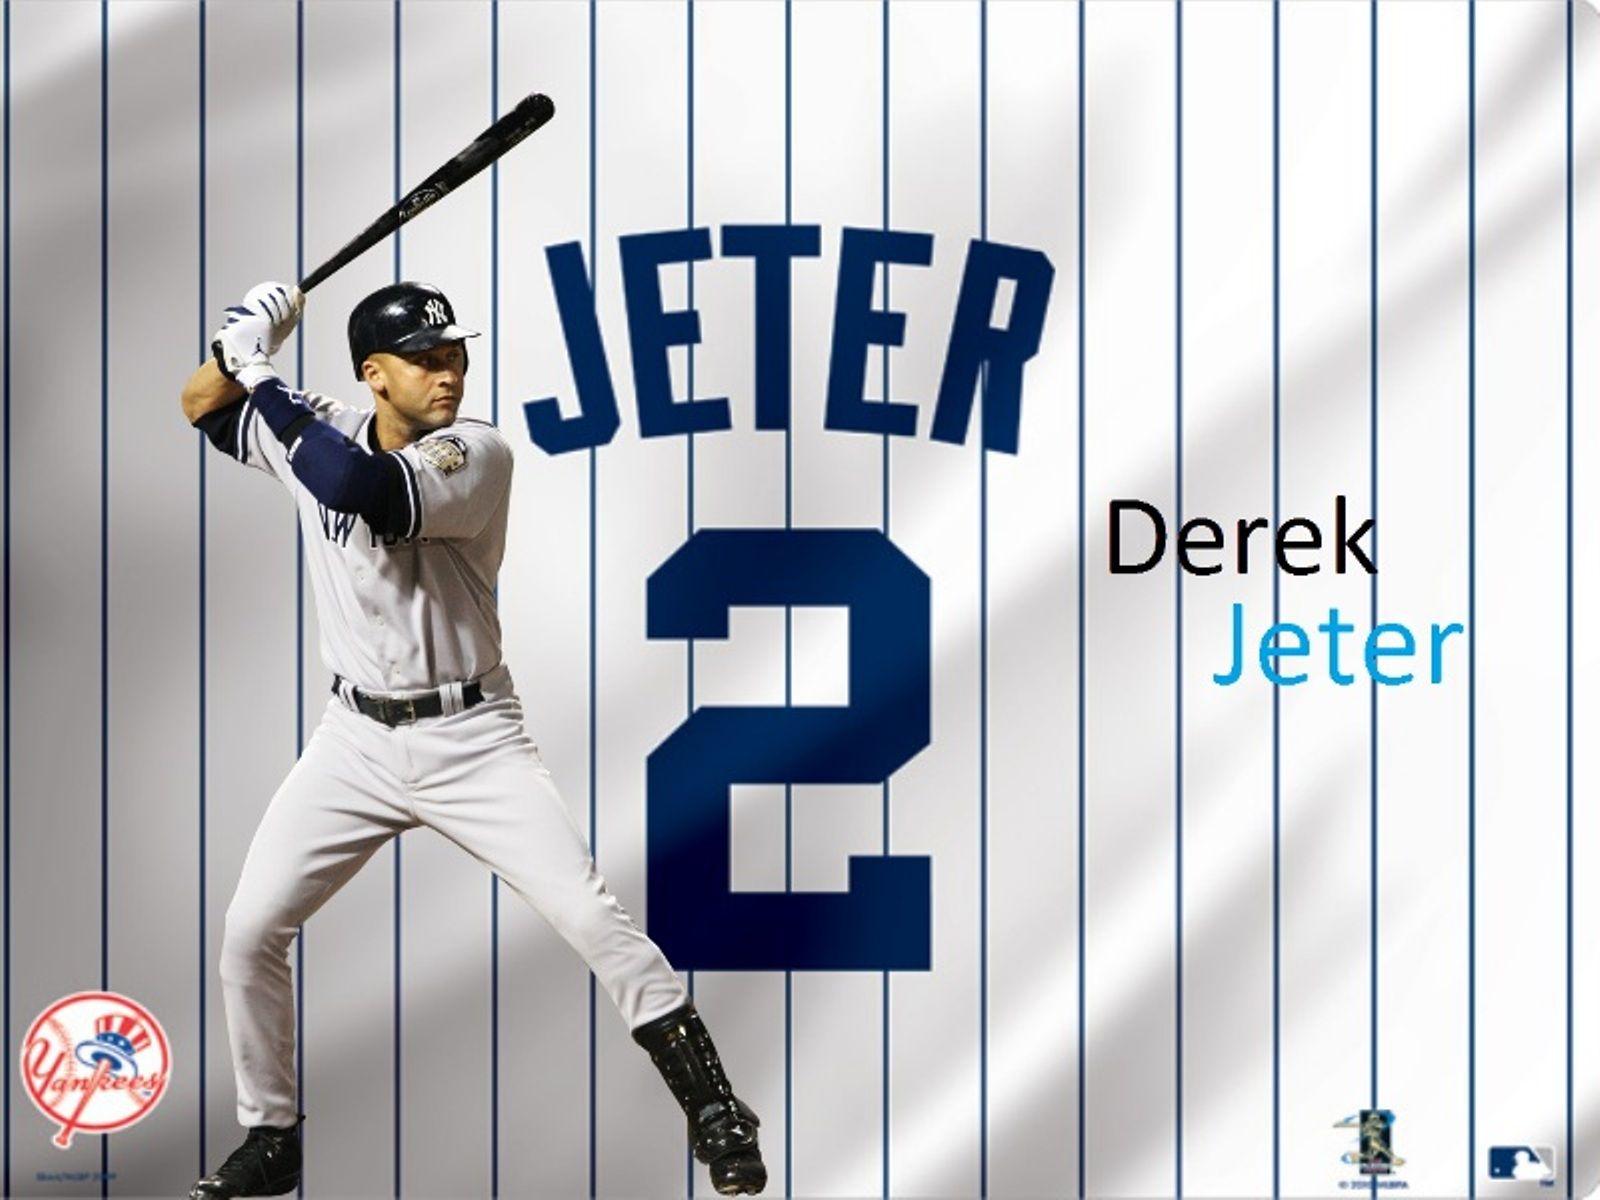 Derek jeter baseball wallpaper baseball pinterest - Derek jeter wallpaper ...